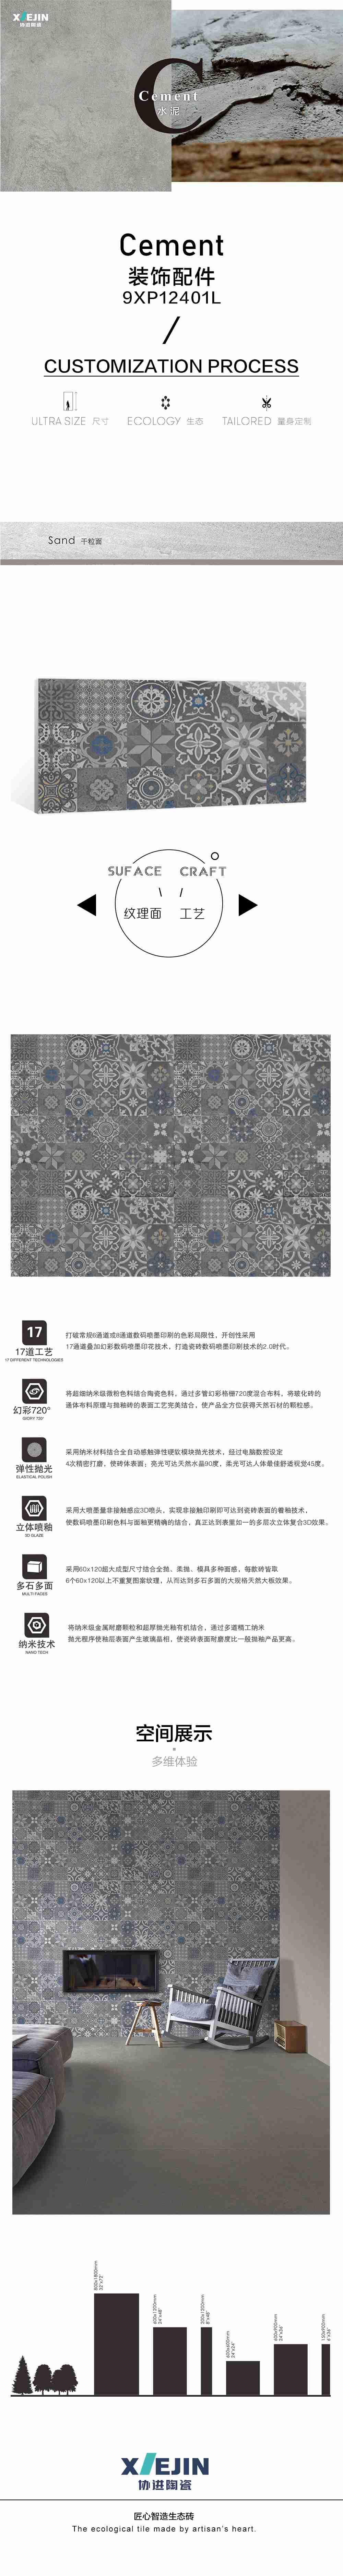 装饰配件9XP12401L--16.jpg